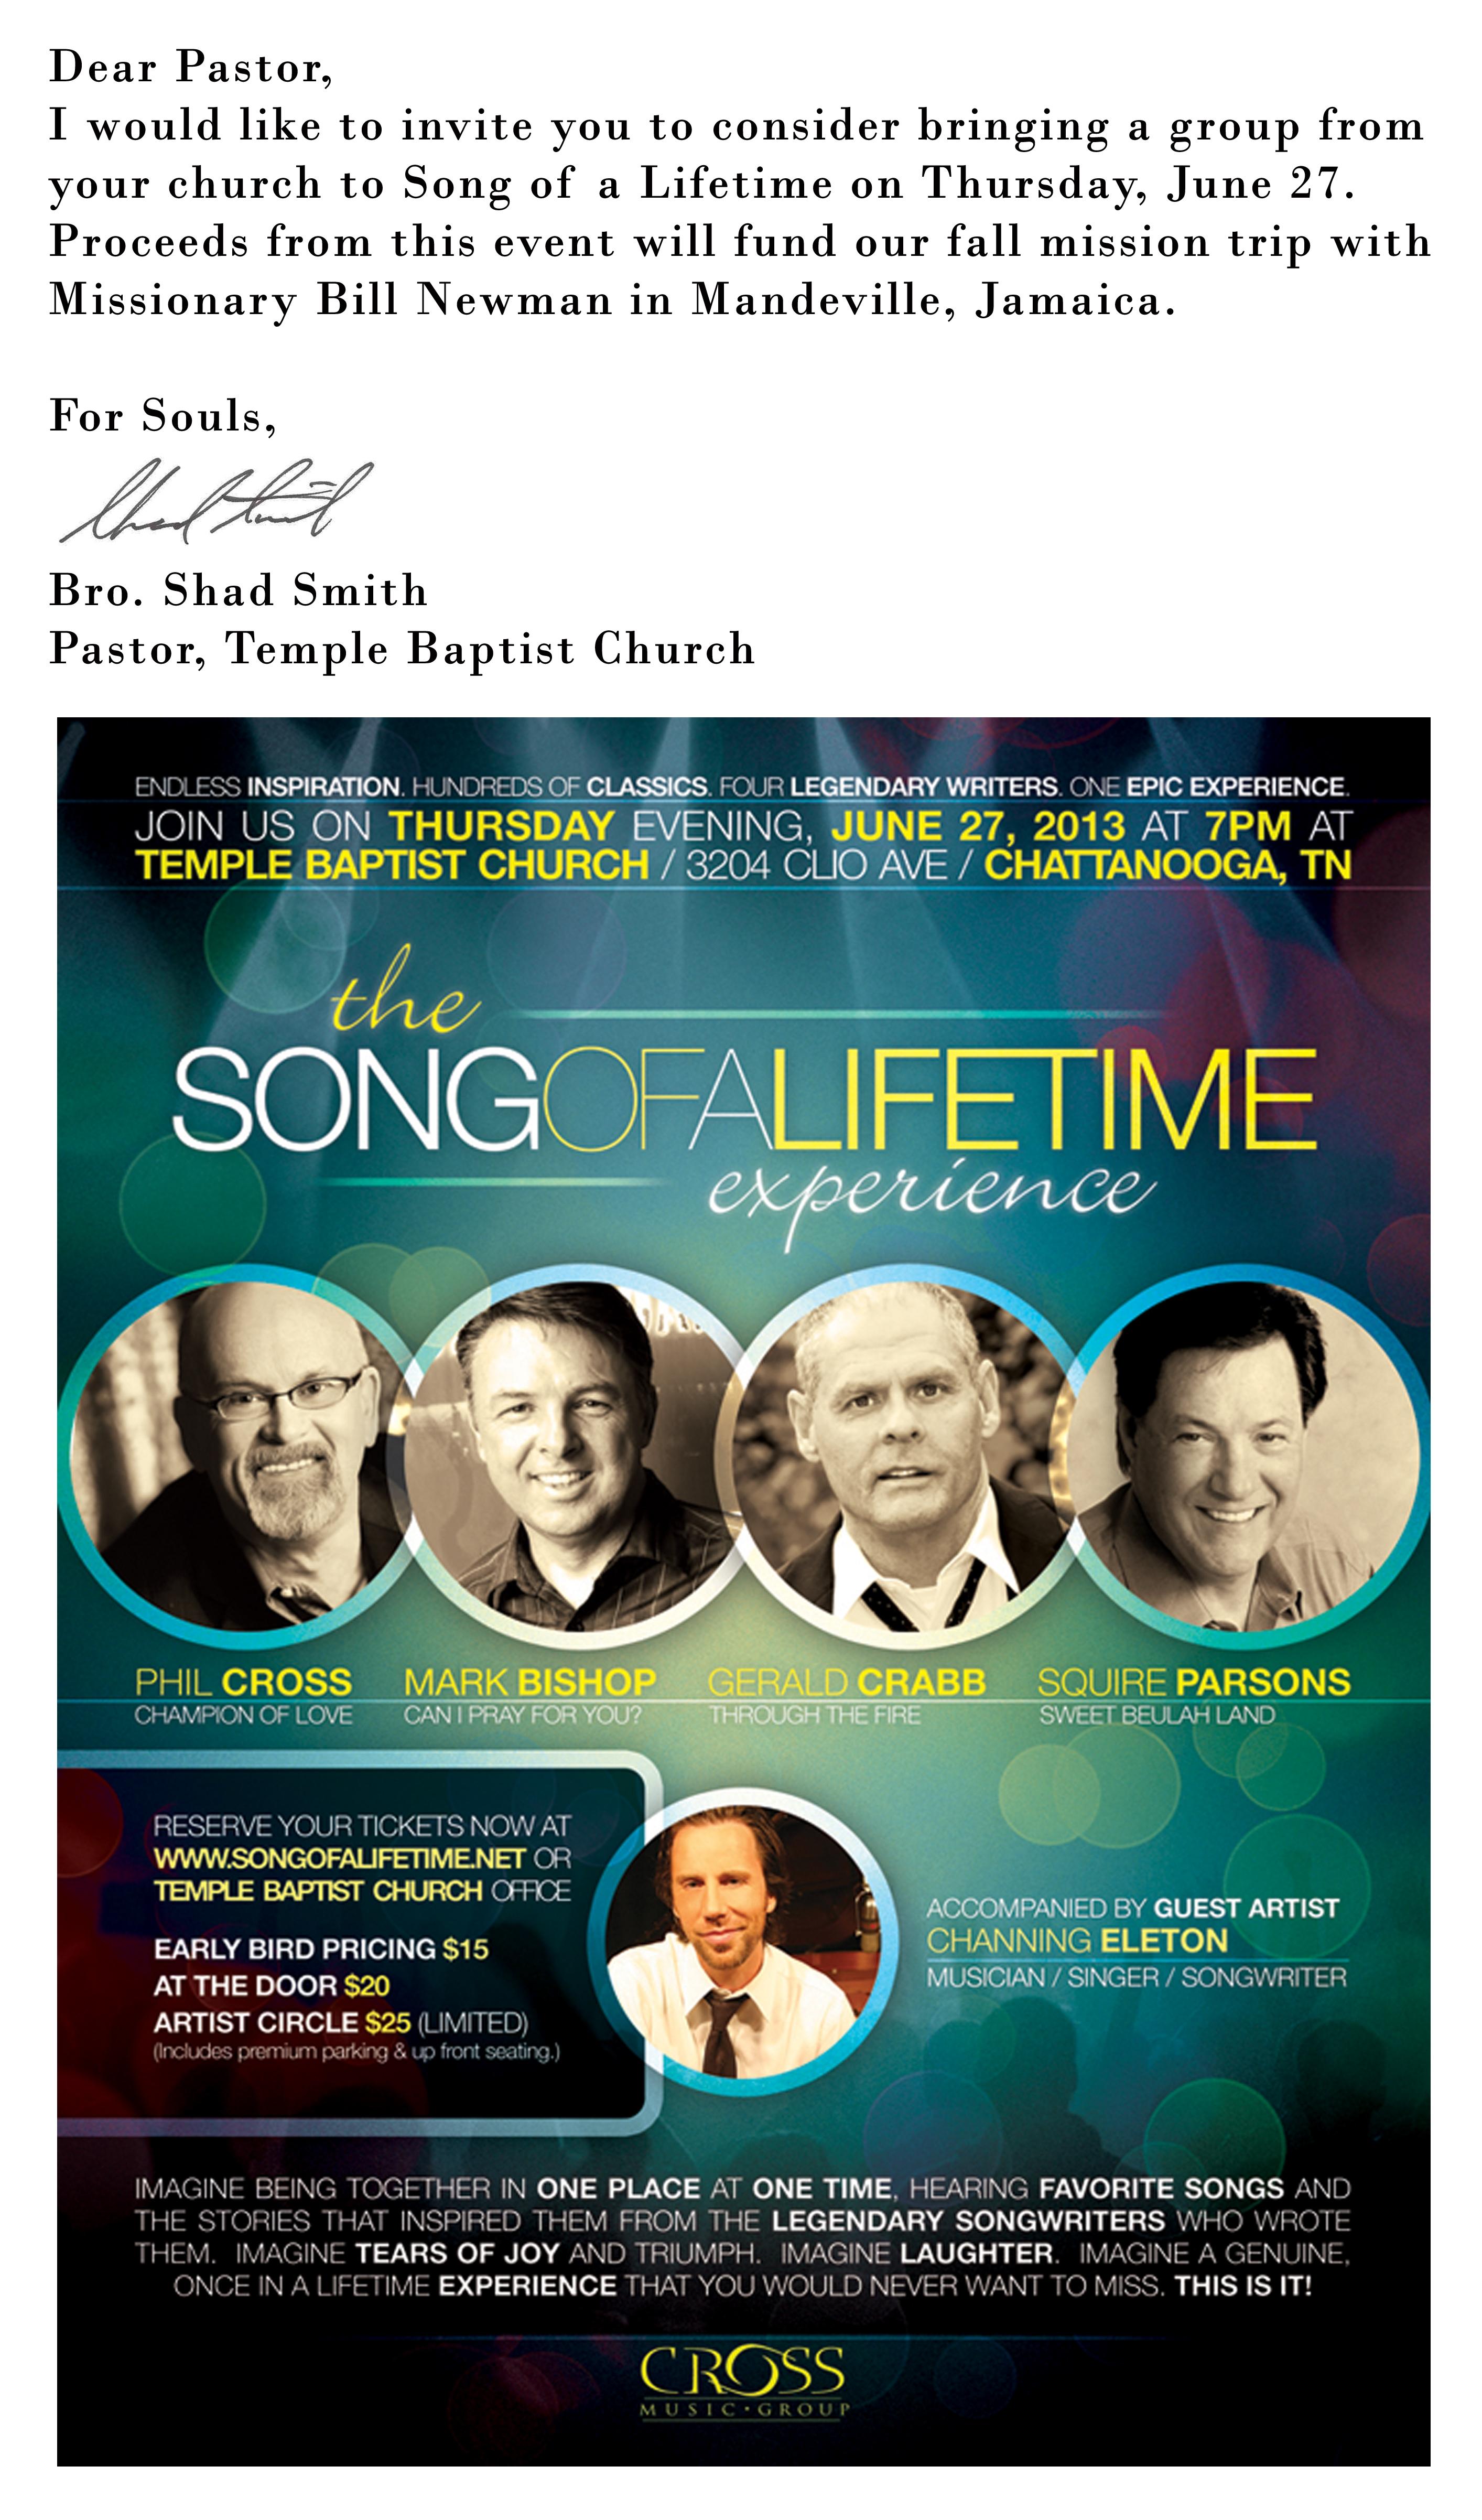 song20of20a20lifetime20invite-11.jpg